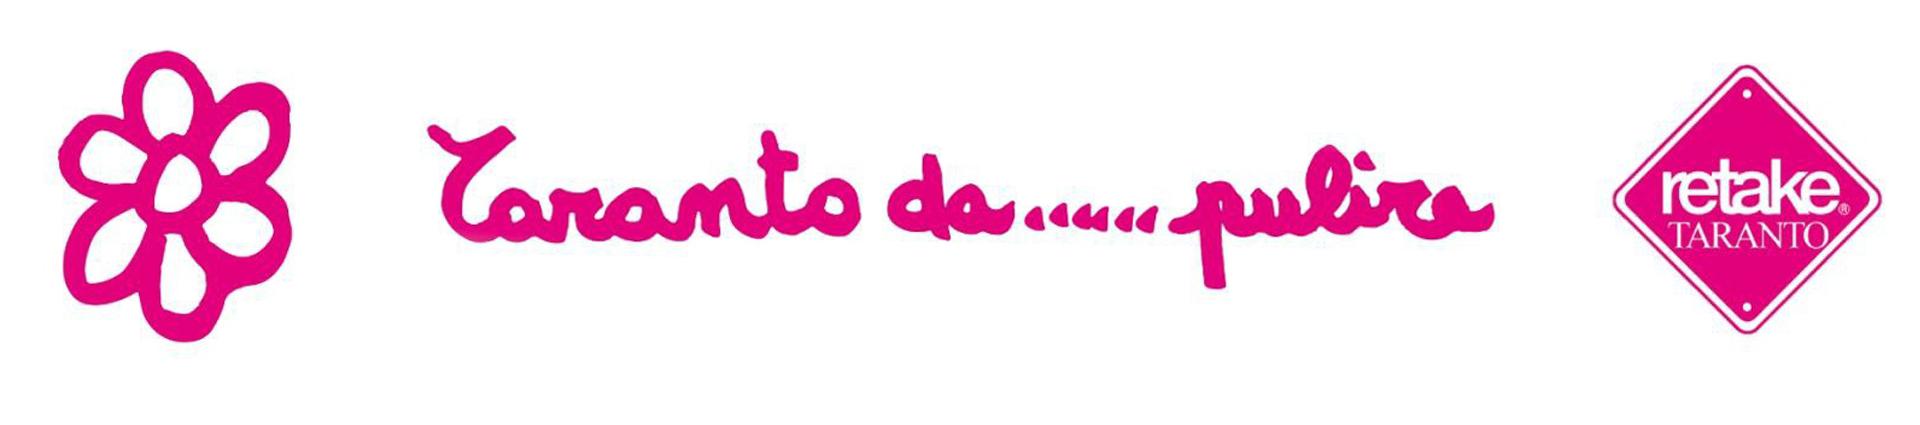 Retake Taranto